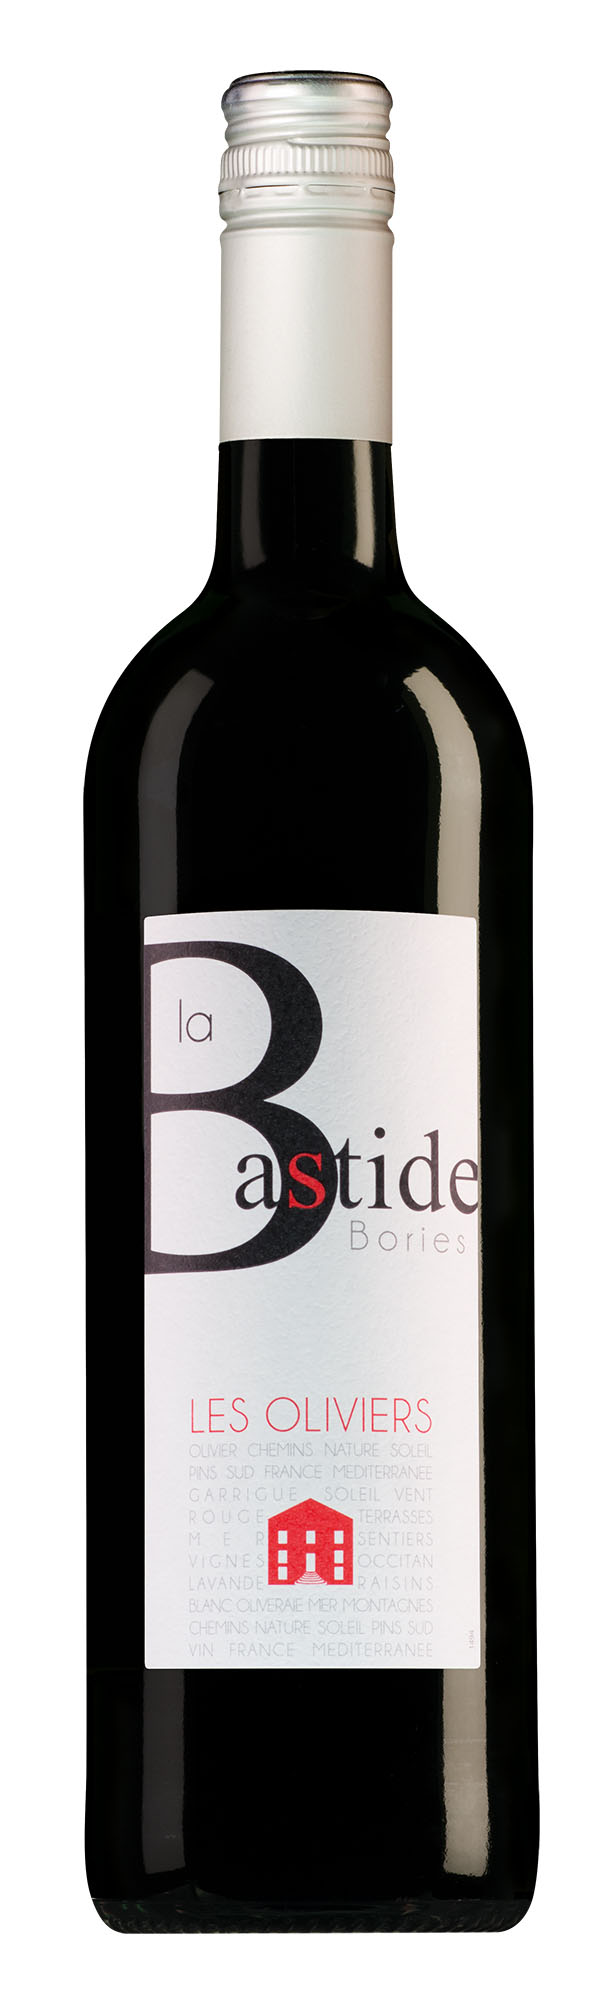 La Bastide Bories Pays d'Aude Les Oliviers rood